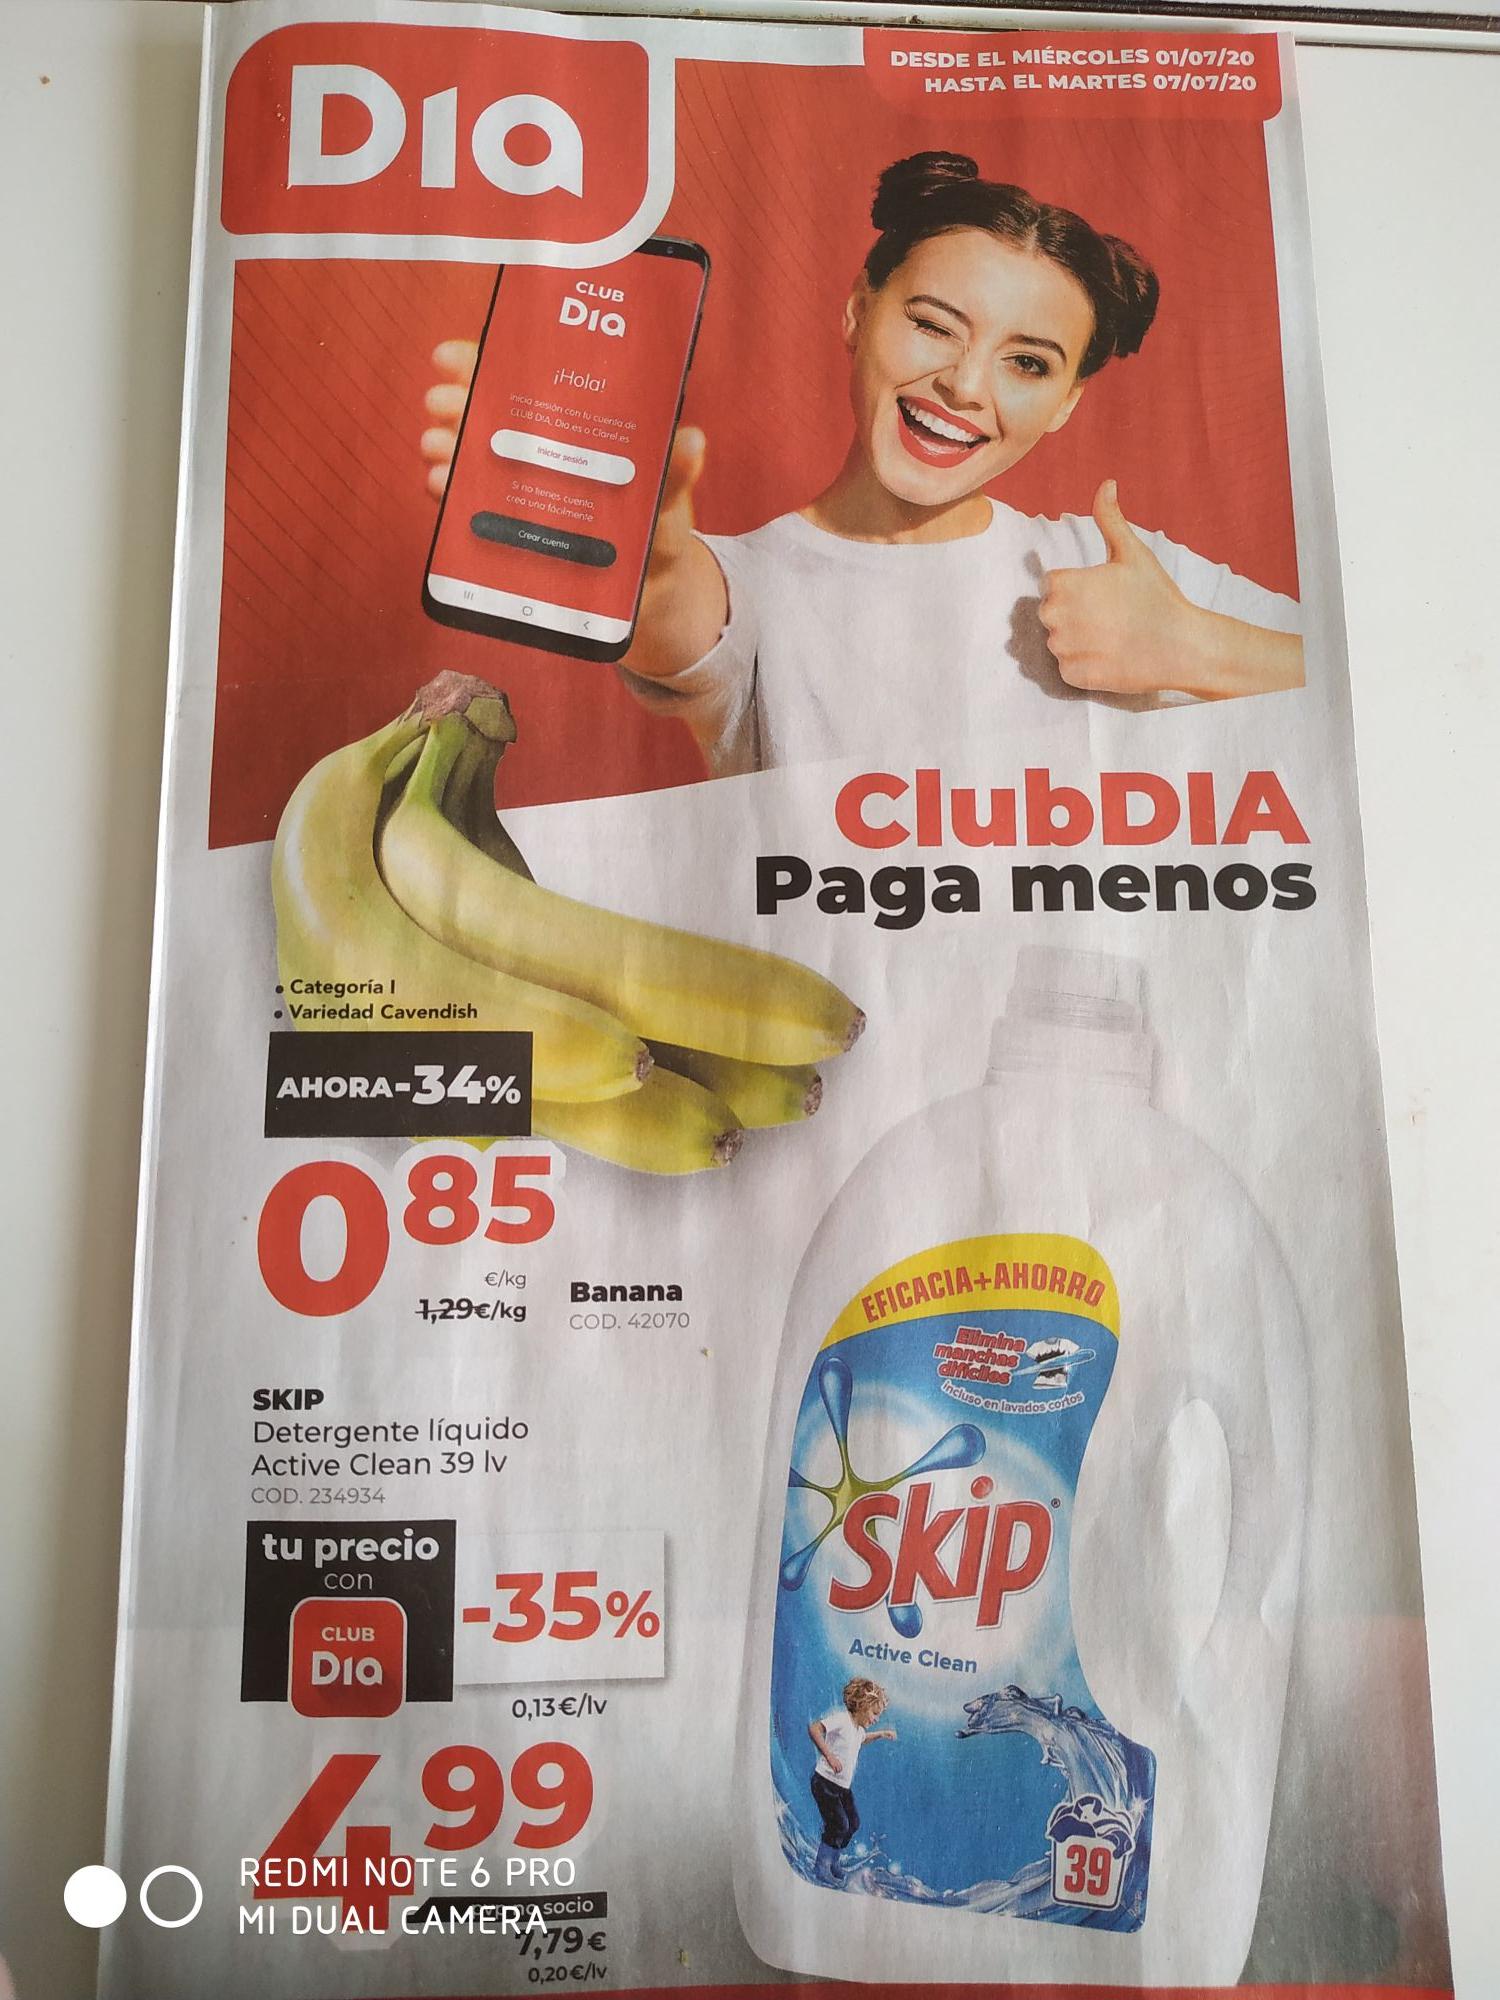 Detergente Skip 35%